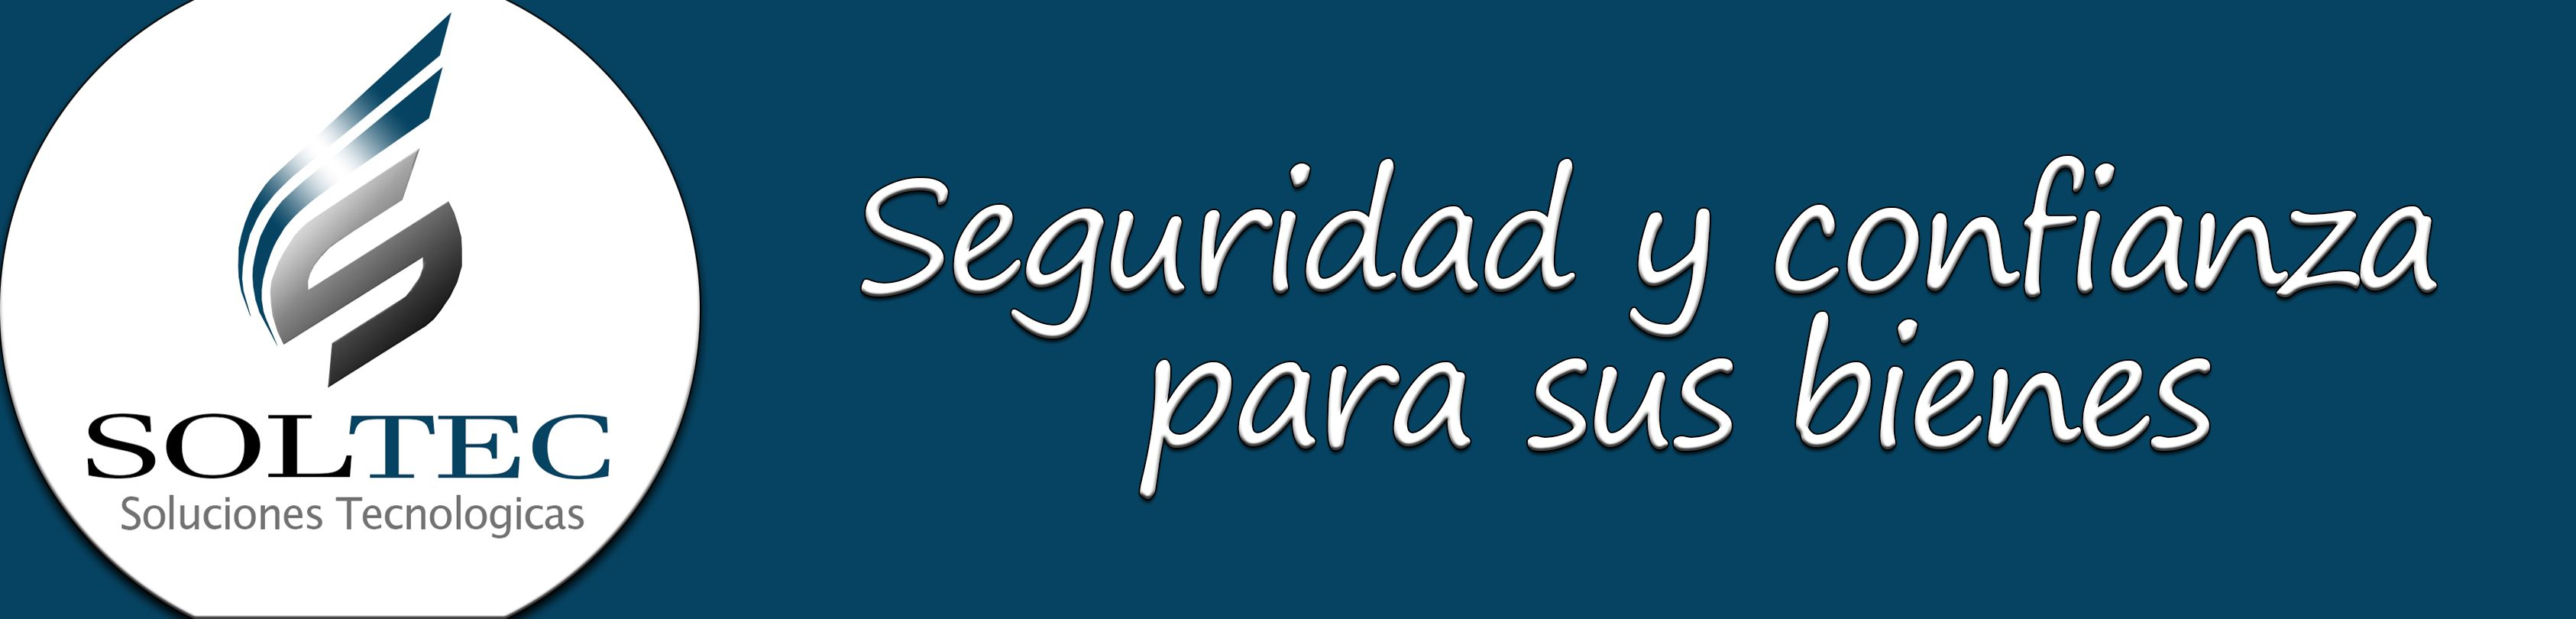 CAJAS DE SEGURIDAD / CAJAS FUERTES / SOLTEC PERU / PUERTAS PARA BOVEDA / MUEBLES METALICOS / MUEBLES IGNIFUGOS / LIMA